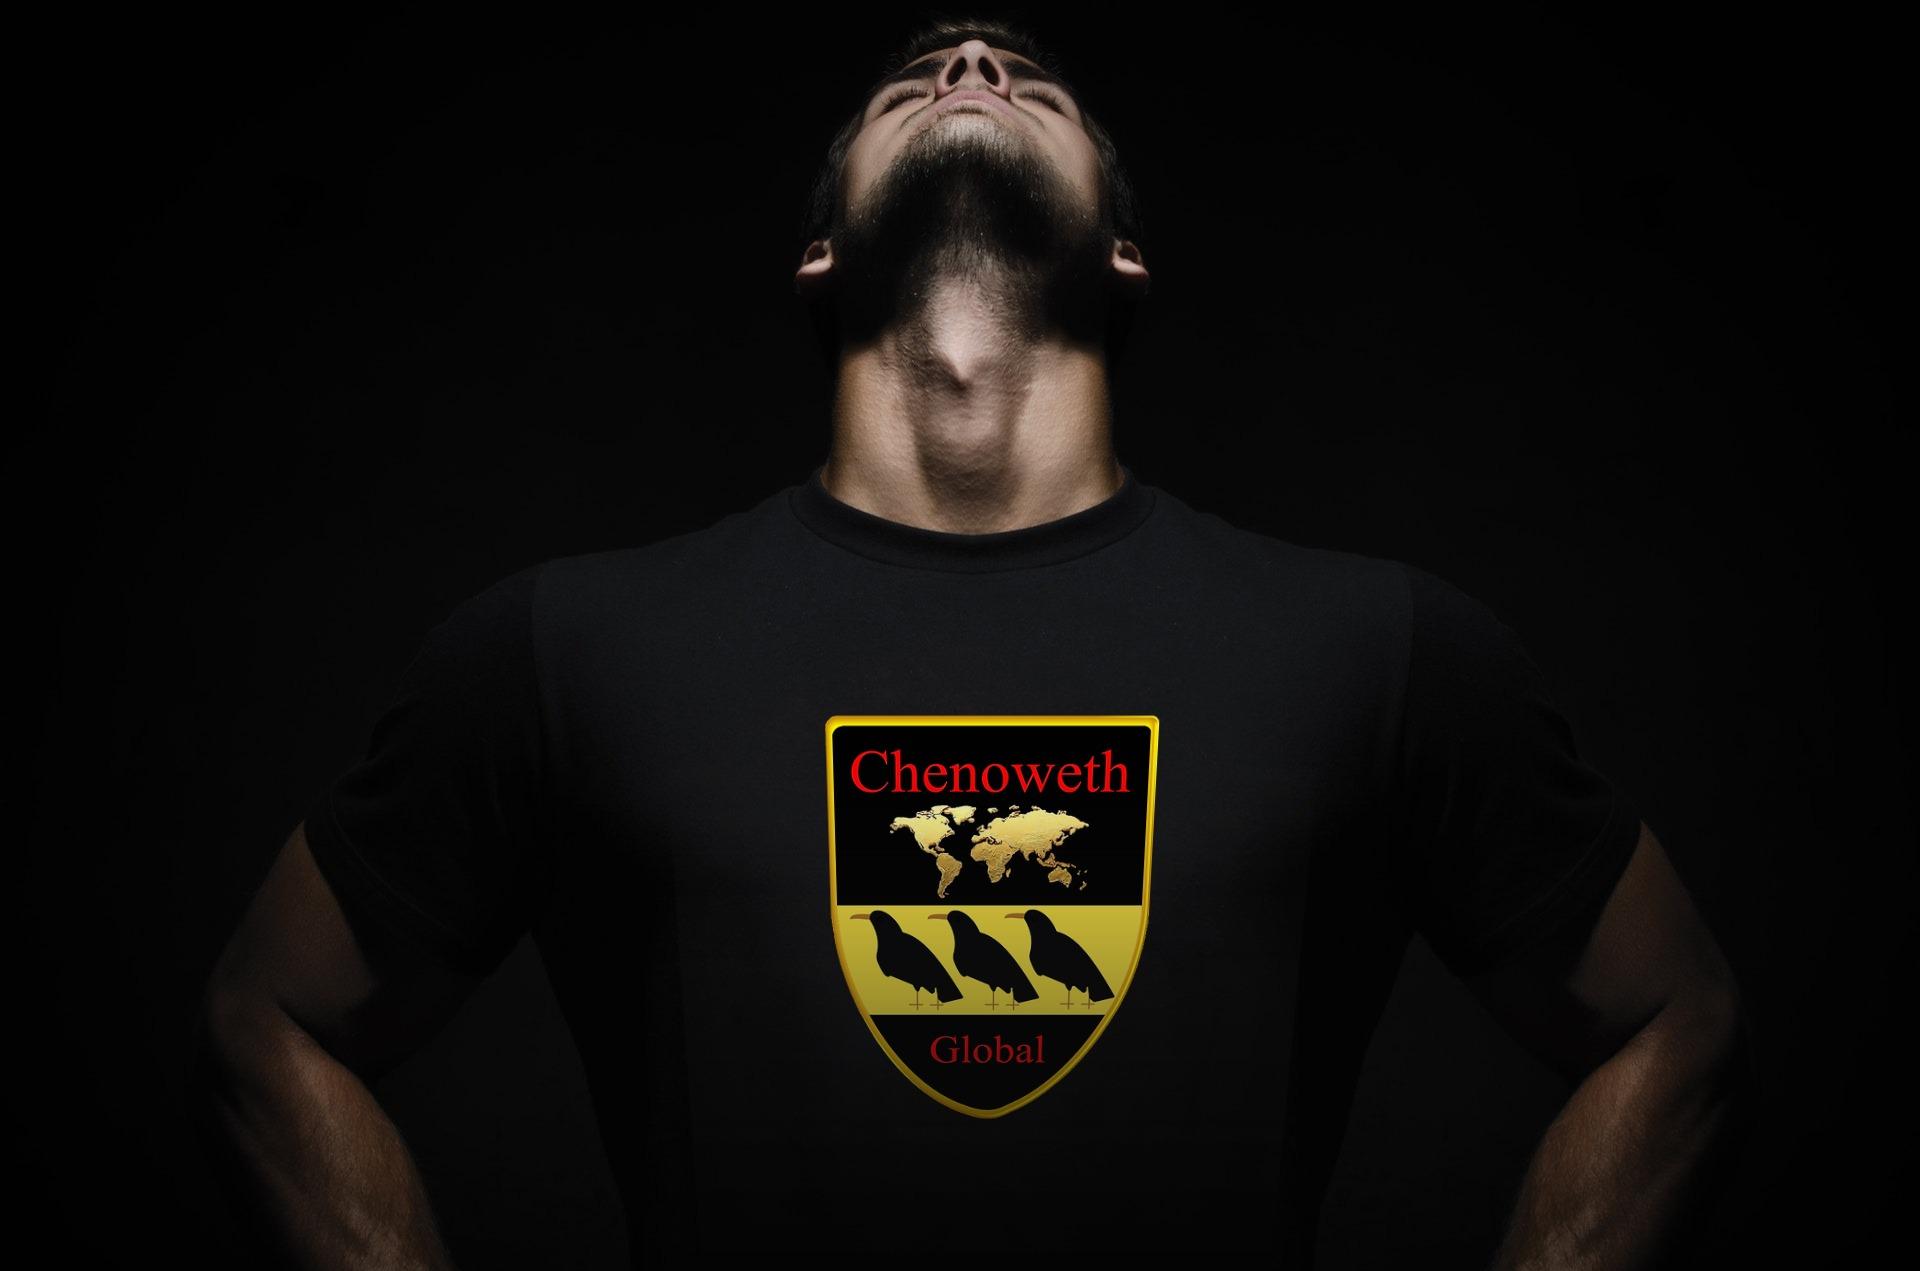 Chenoweth Global Black Tshirt